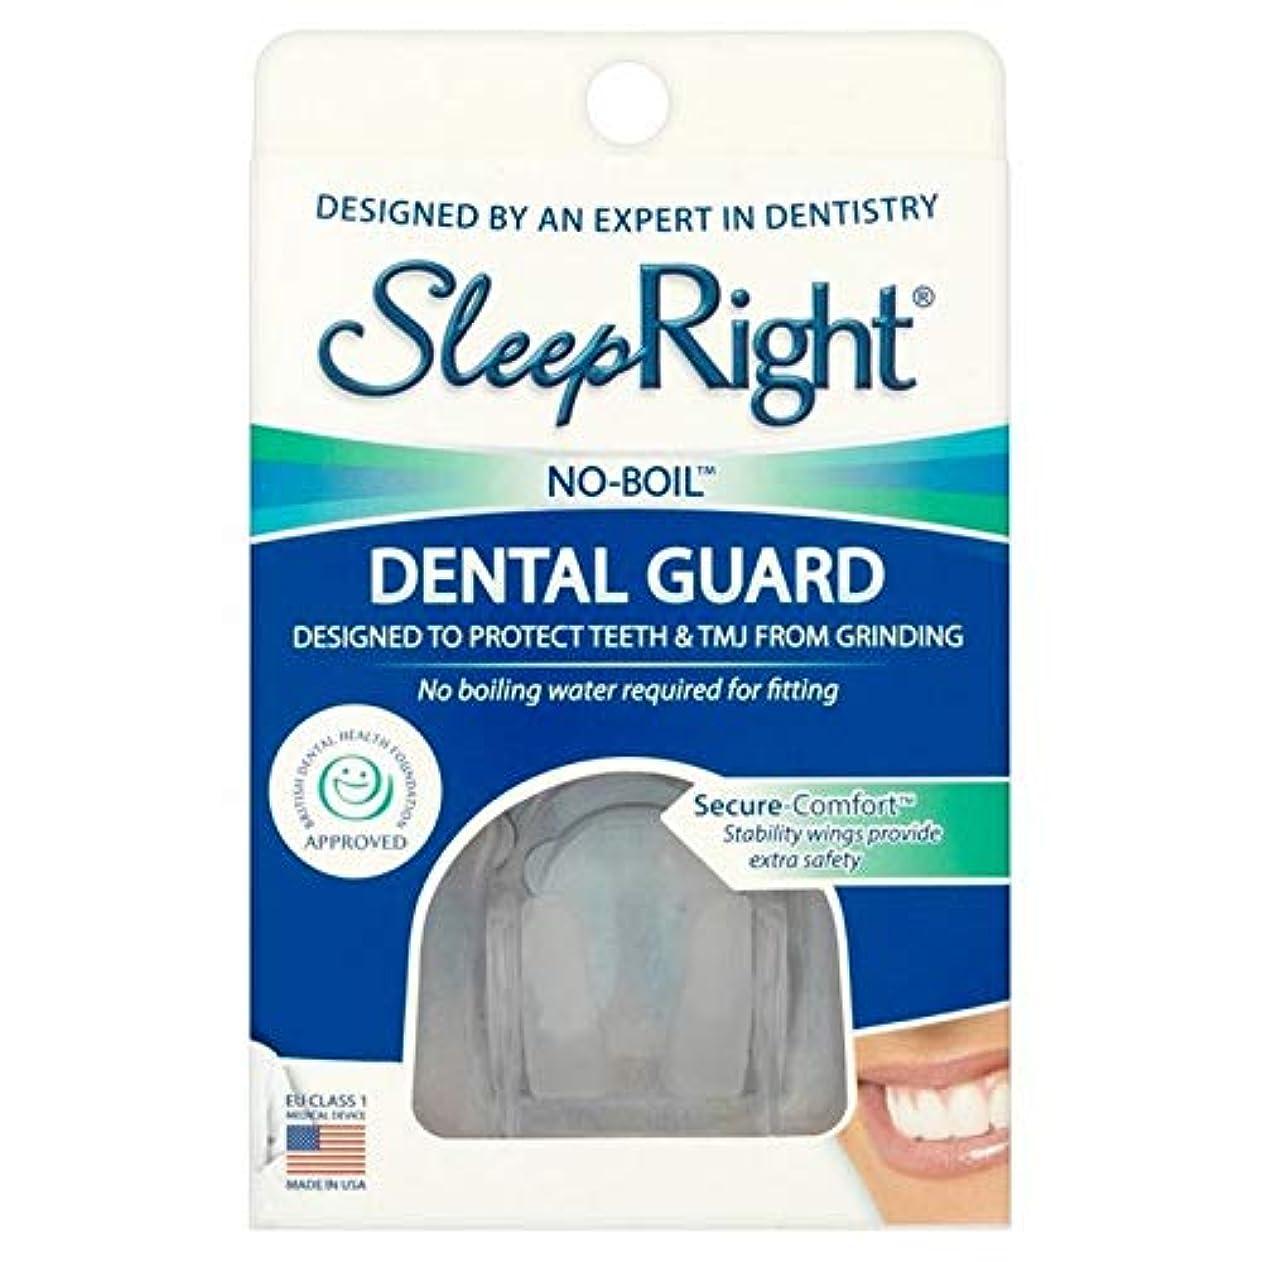 創始者愚かな工夫する[SleepRight] Sleepright安全な快適性歯科用ガード - SleepRight Secure Comfort Dental Guard [並行輸入品]